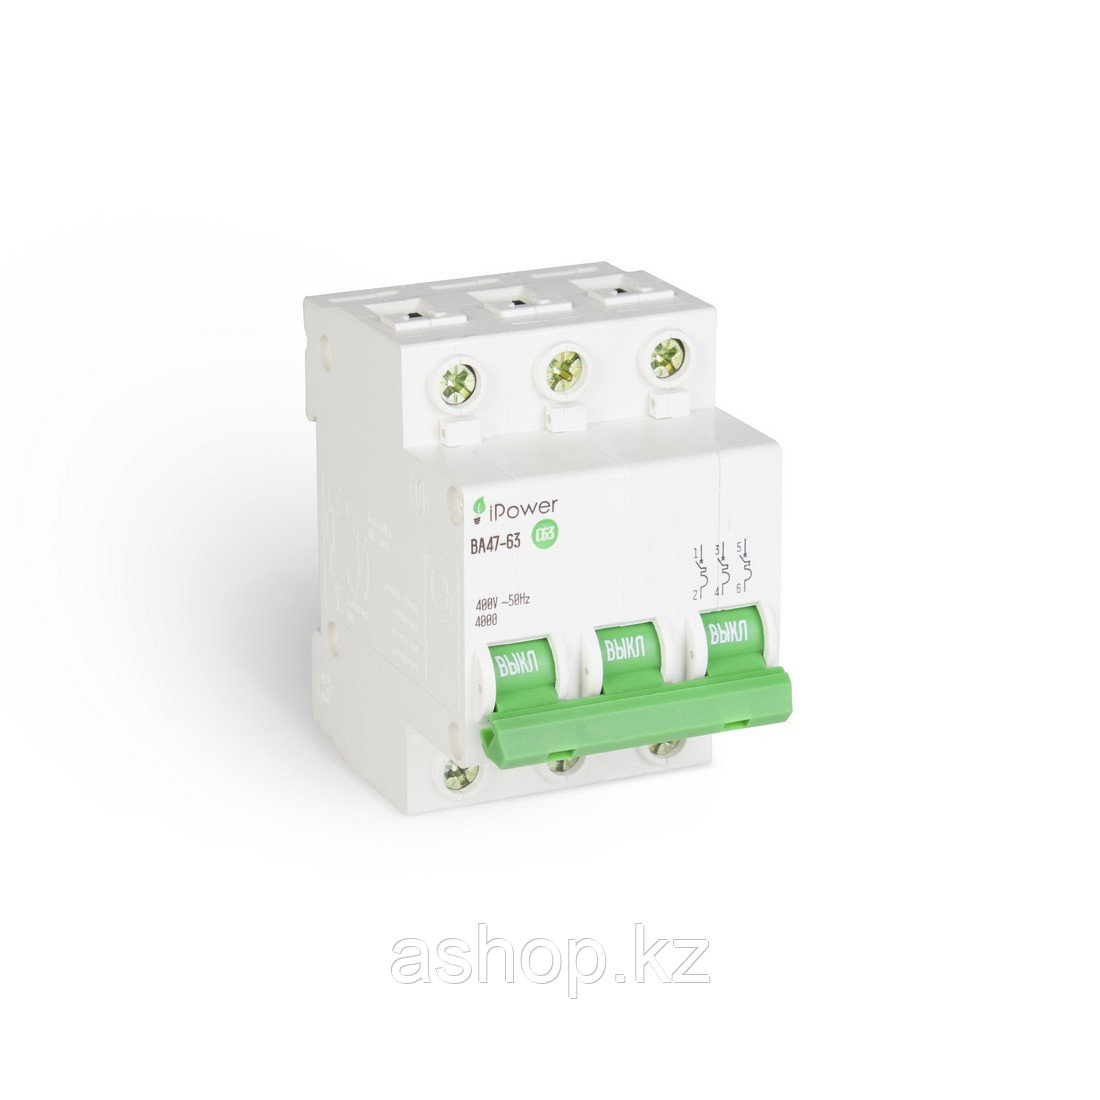 Автоматический выключатель реечный iPower ВА47-63 3P 32А, 230/400 В, Кол-во полюсов: 3, Предел отключения: 4,5